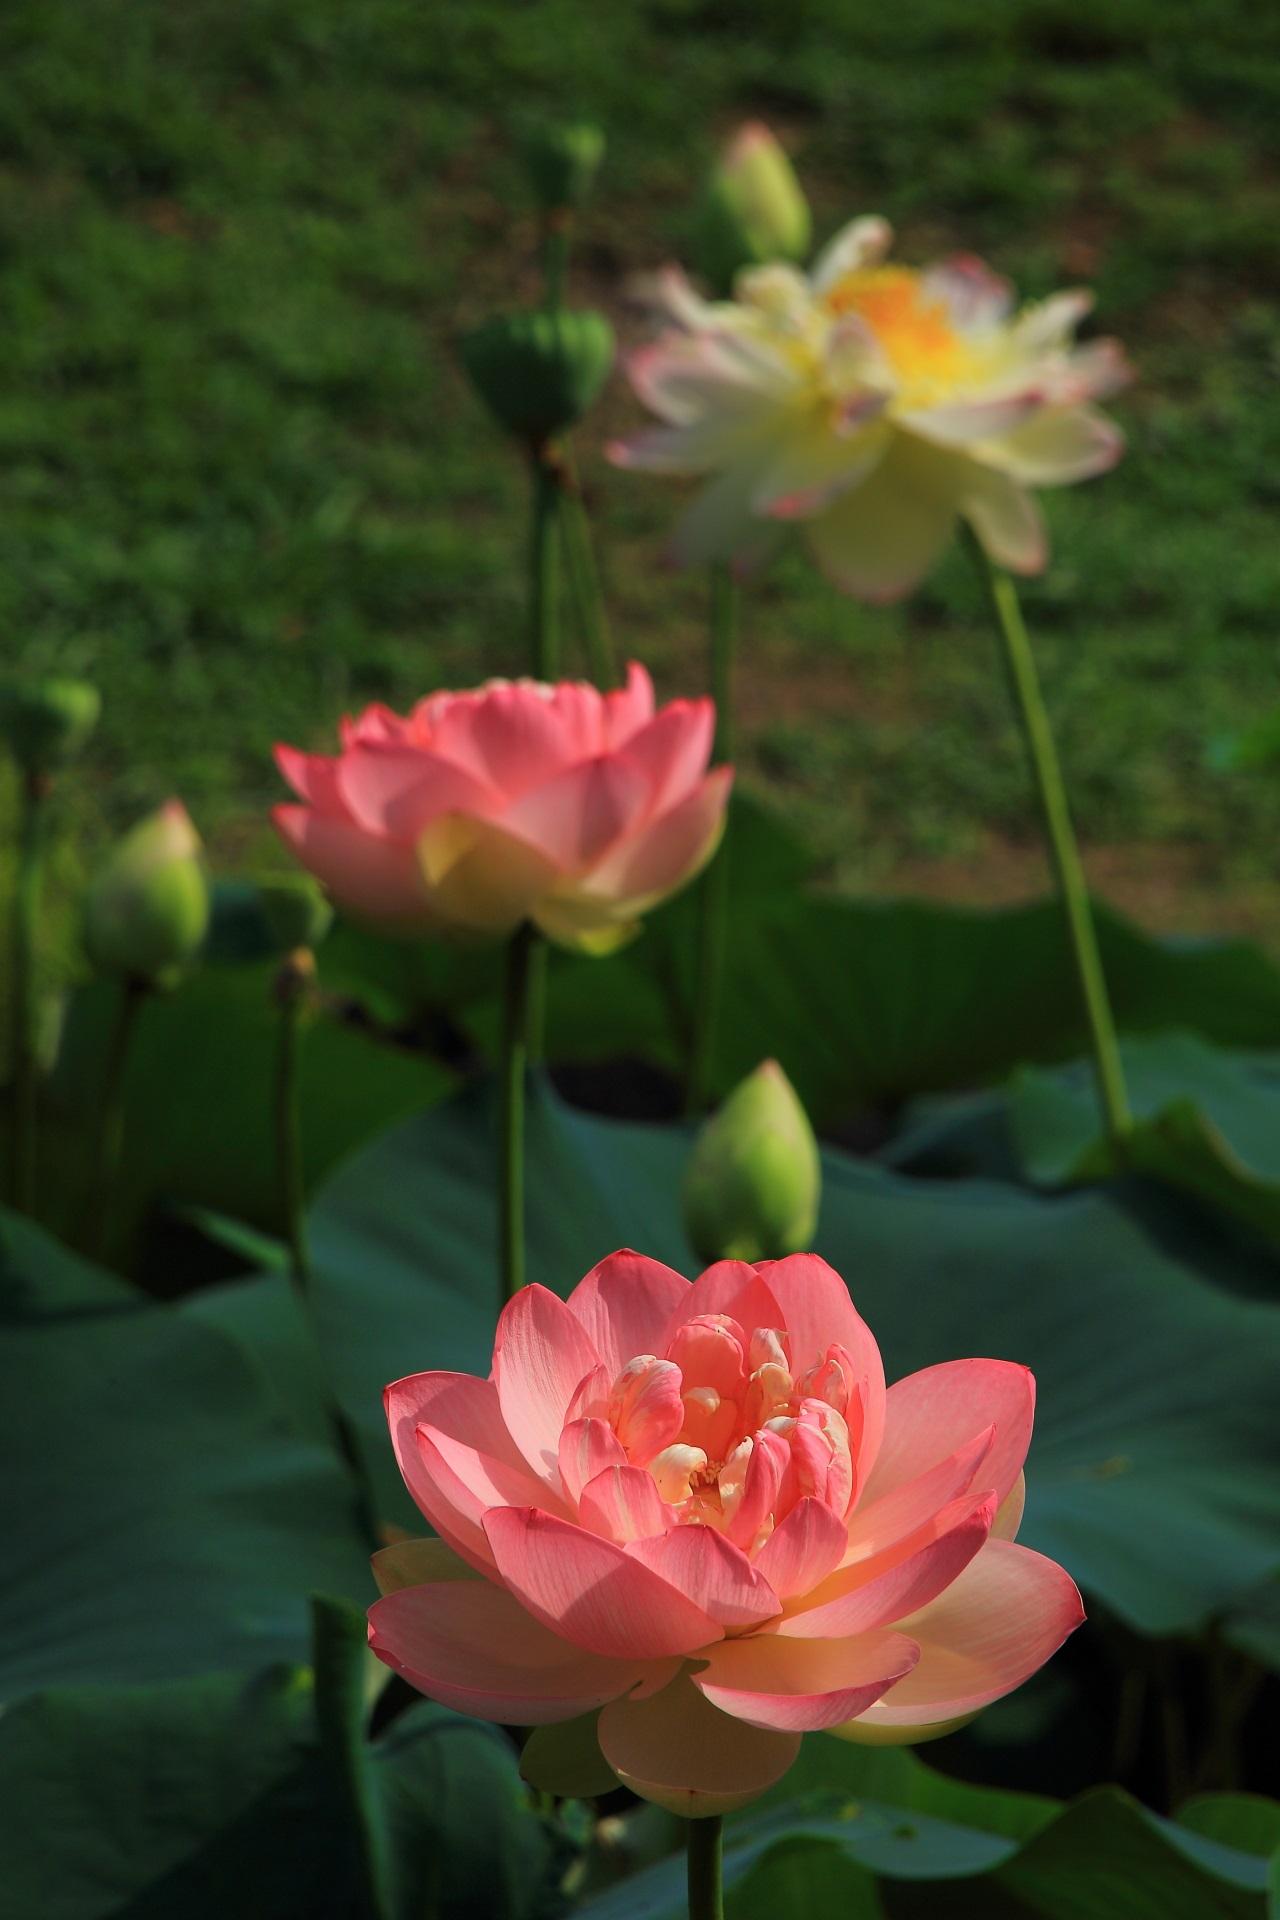 太陽を浴びて輝く見事なピンクの蓮の花